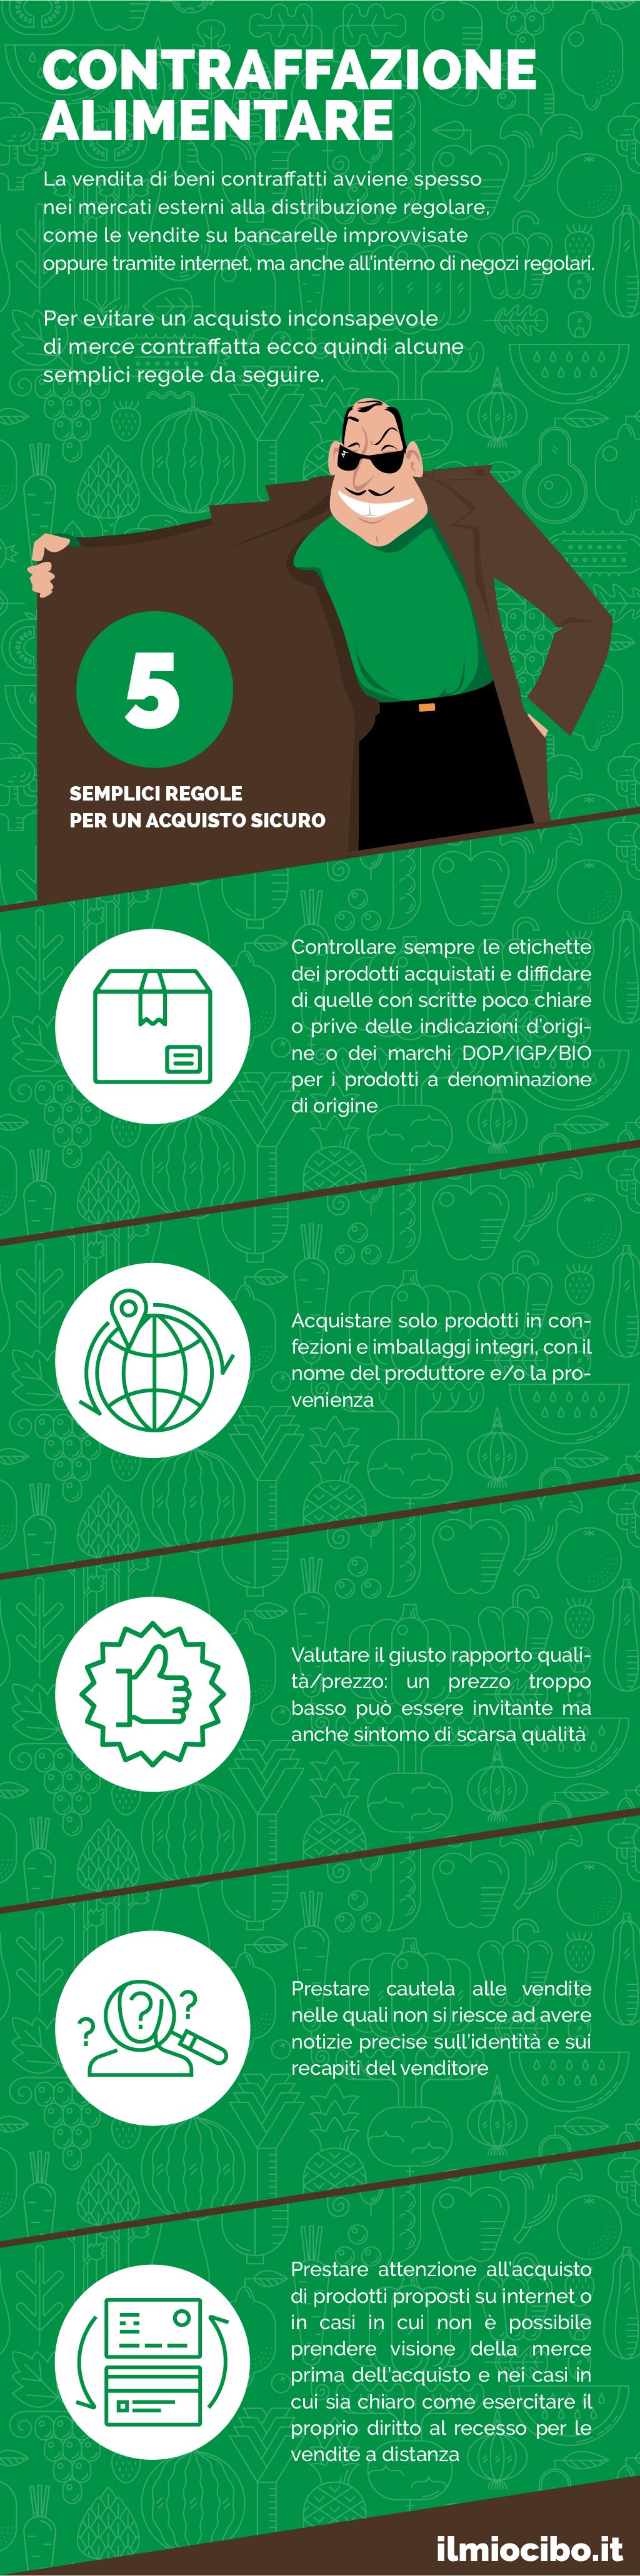 Contraffazione alimentare - 5 semplici regole per un acquisto sicuro